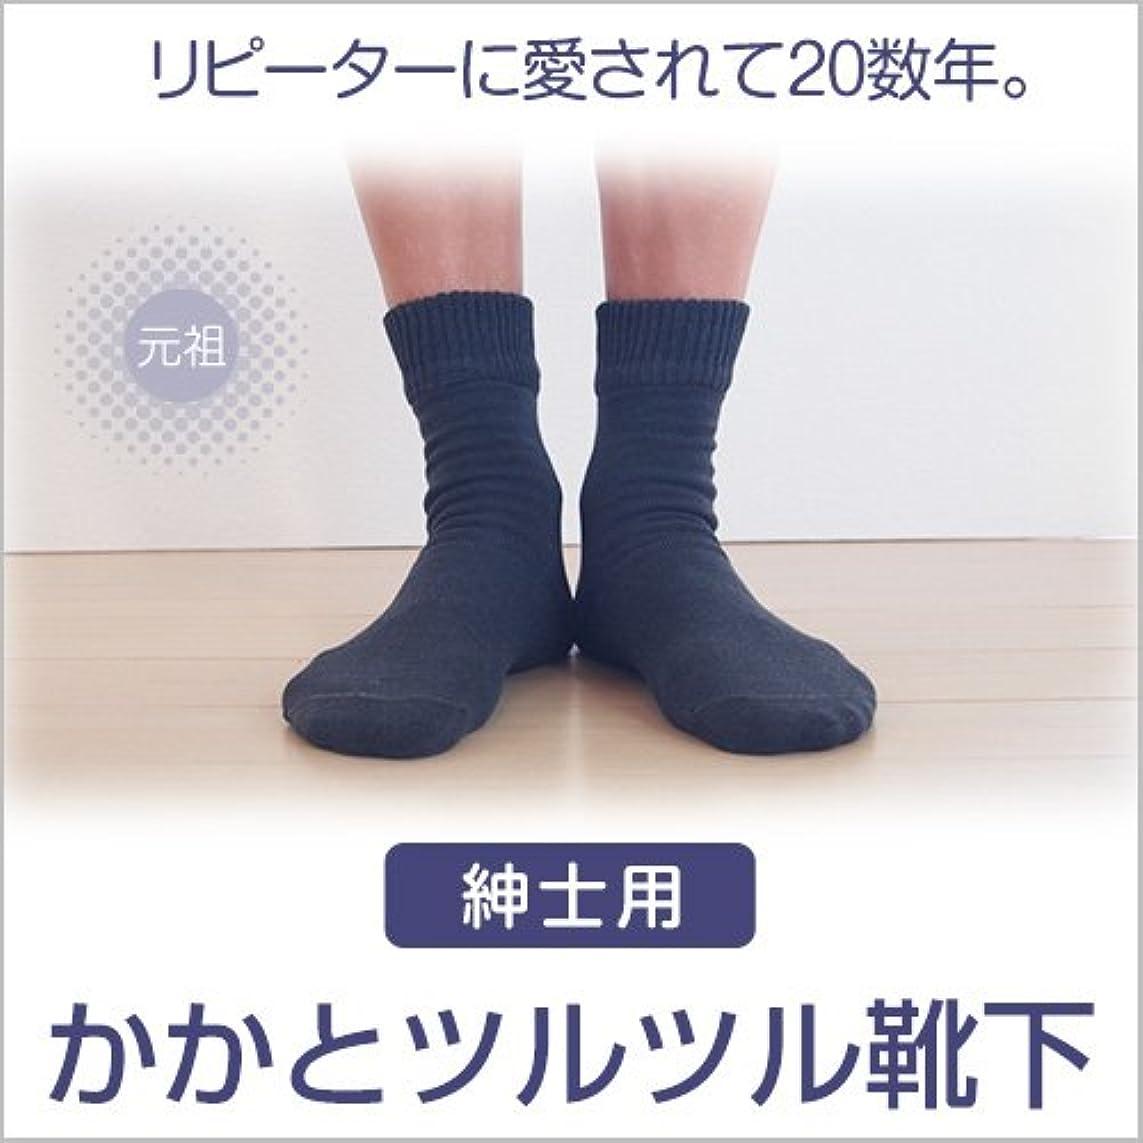 曲ファランクス独立男性用 かかと ツルツル 靴下 ネイビー 24-26cm 角質 ケア ひび割れ 対策 太陽ニット 700